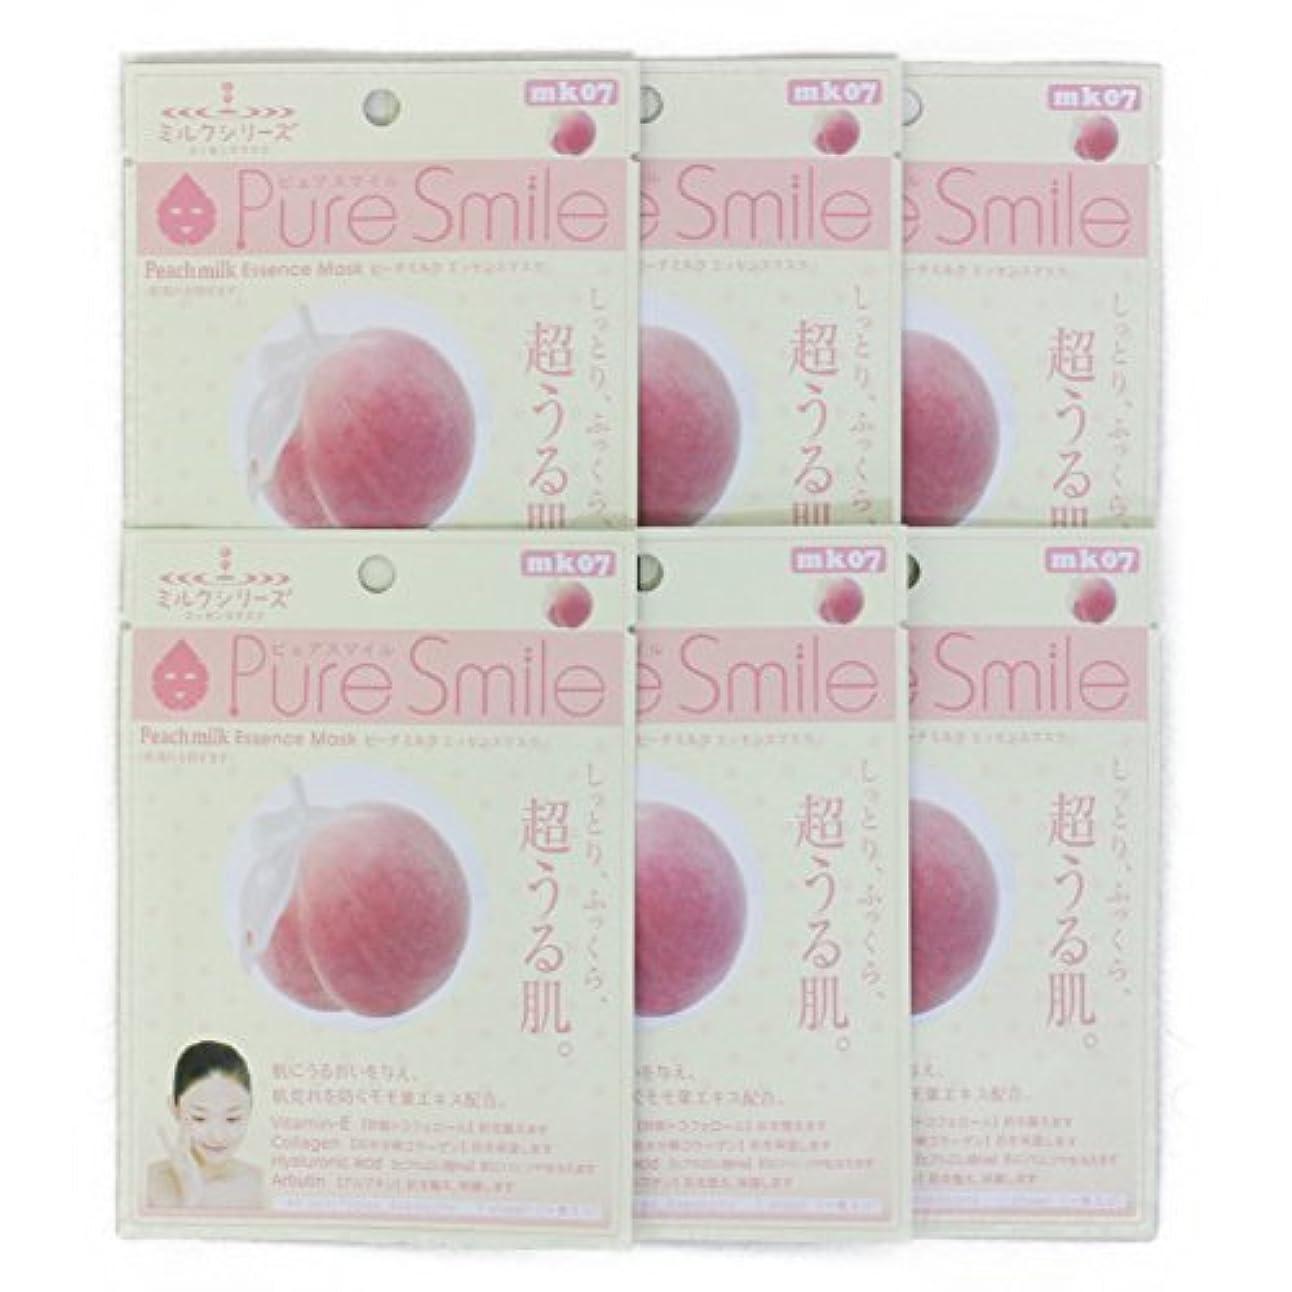 羨望カテナトラフPure Smile ピュアスマイル ミルクエッセンスマスク ピーチミルク 6枚セット